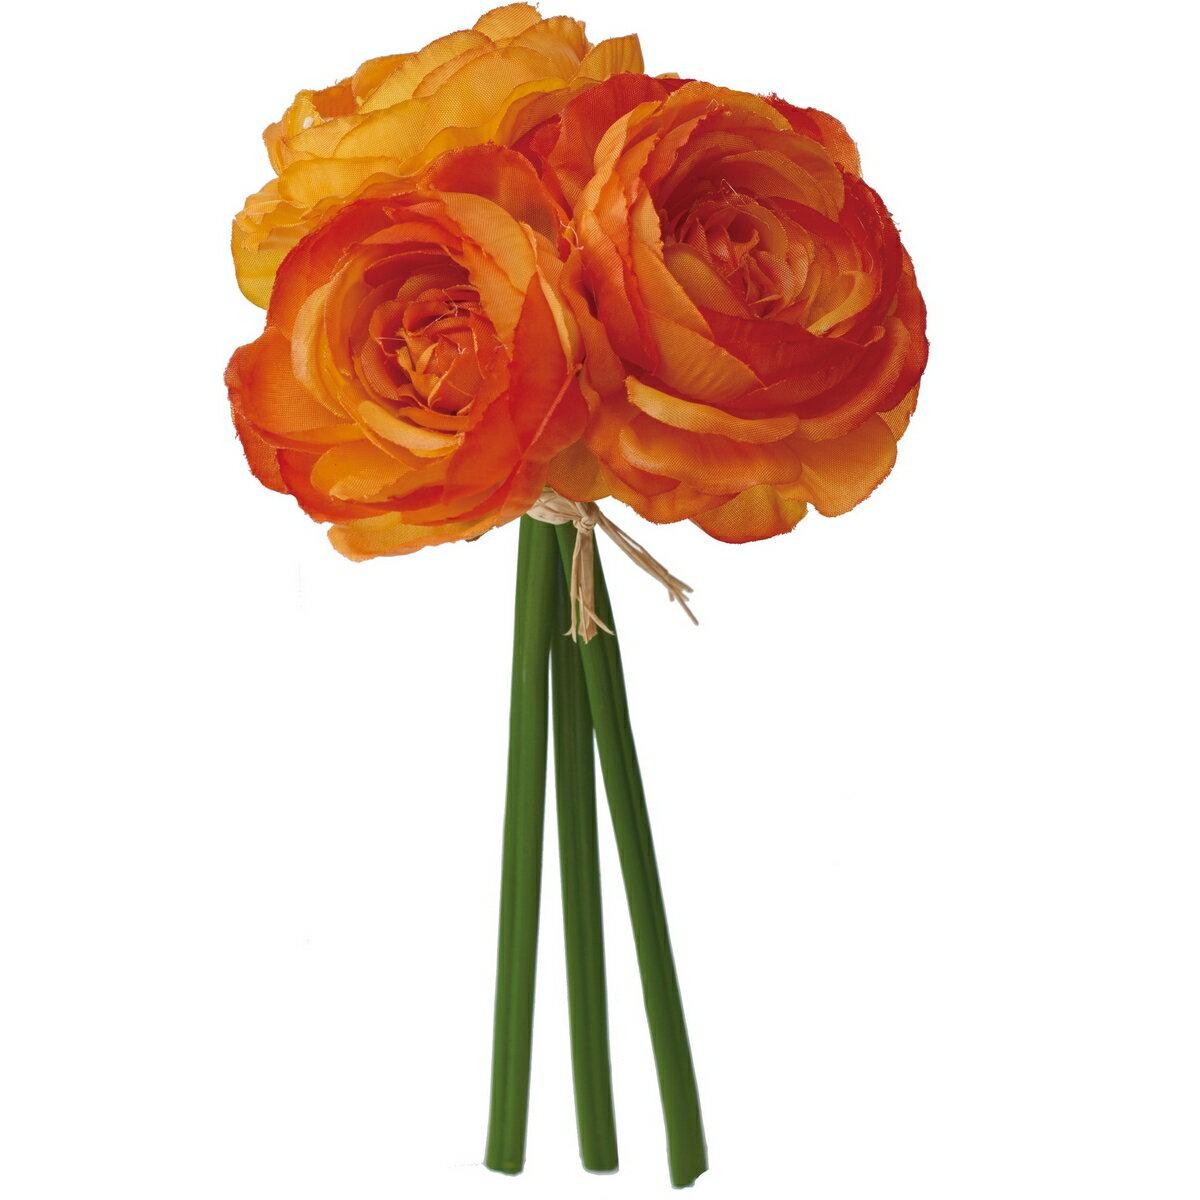 【造花】YDM/ラナンキュラスバンドル*3 オレンジ/FB2460-OR【01】【取寄】《 造花(アーティフィシャルフラワー) 造花 花材「ら行」 ラナンキュラス 》